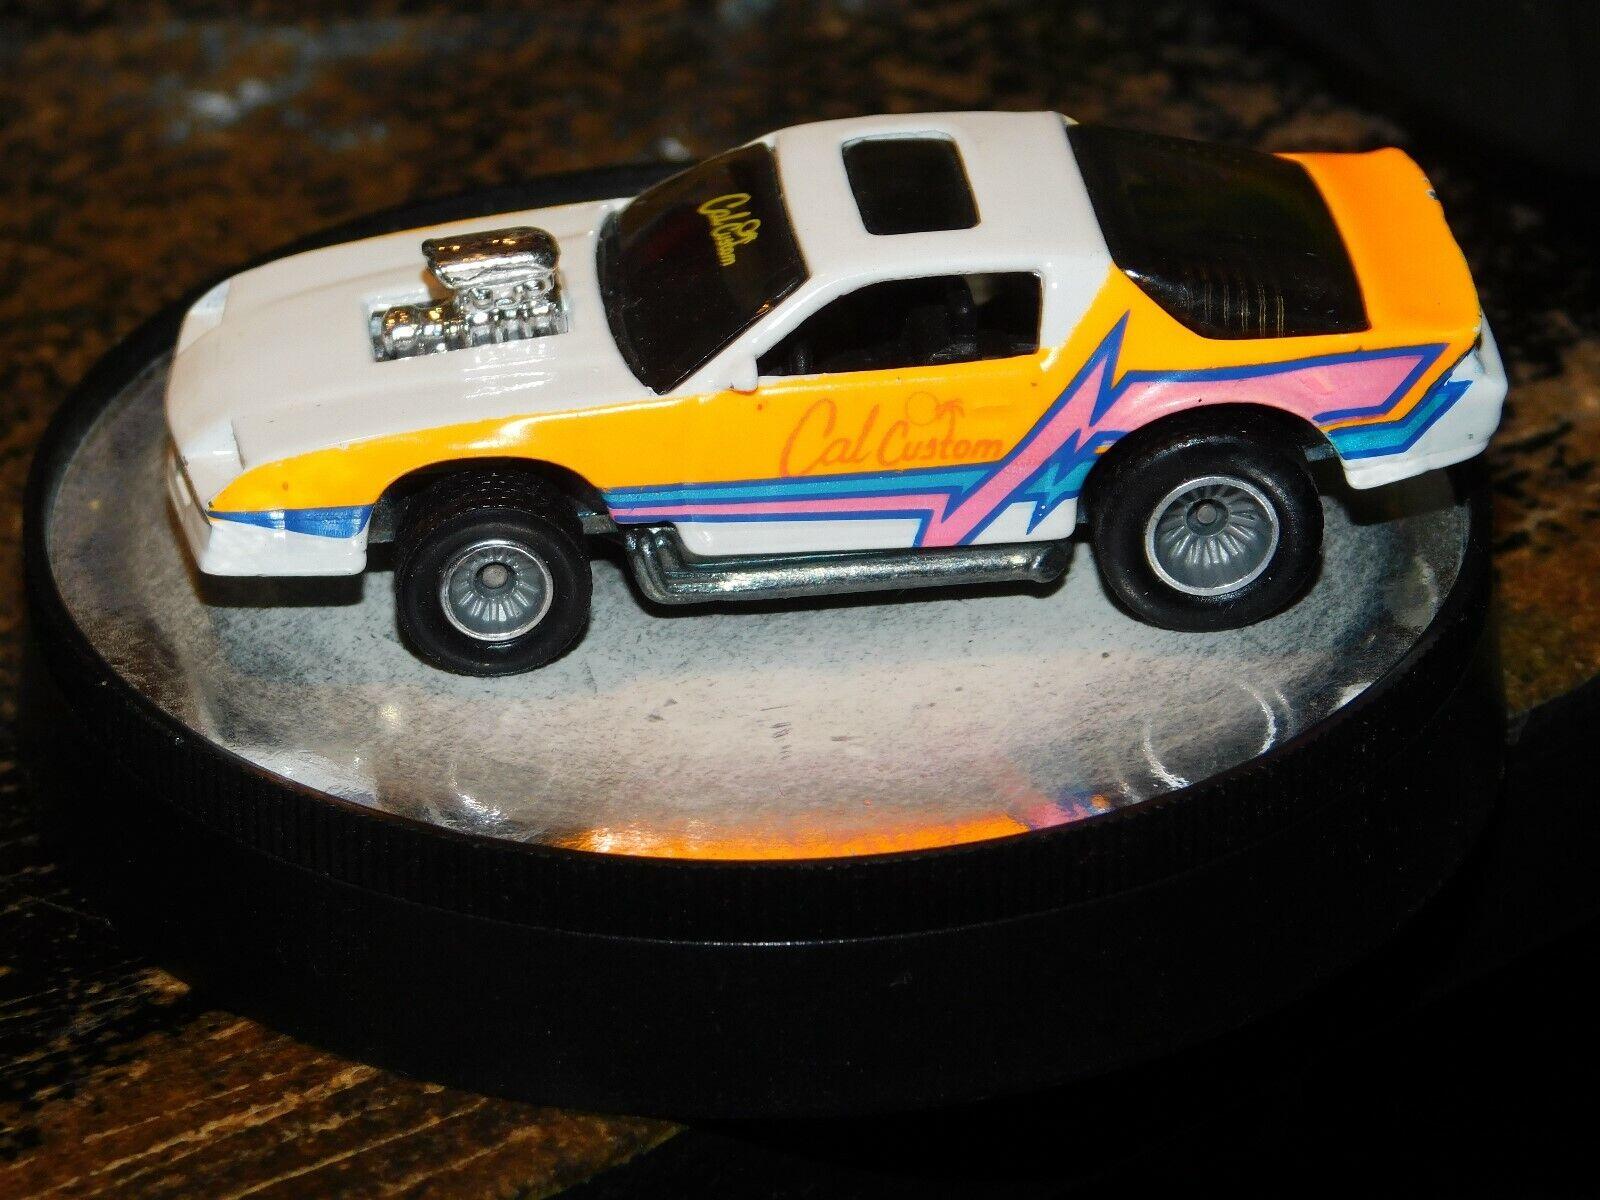 primera reputación de los clientes primero Mattel Mattel Mattel Hot Wheels Camaro personalizado de California blancoo Naranja Con Negro Interior Rara  El ultimo 2018